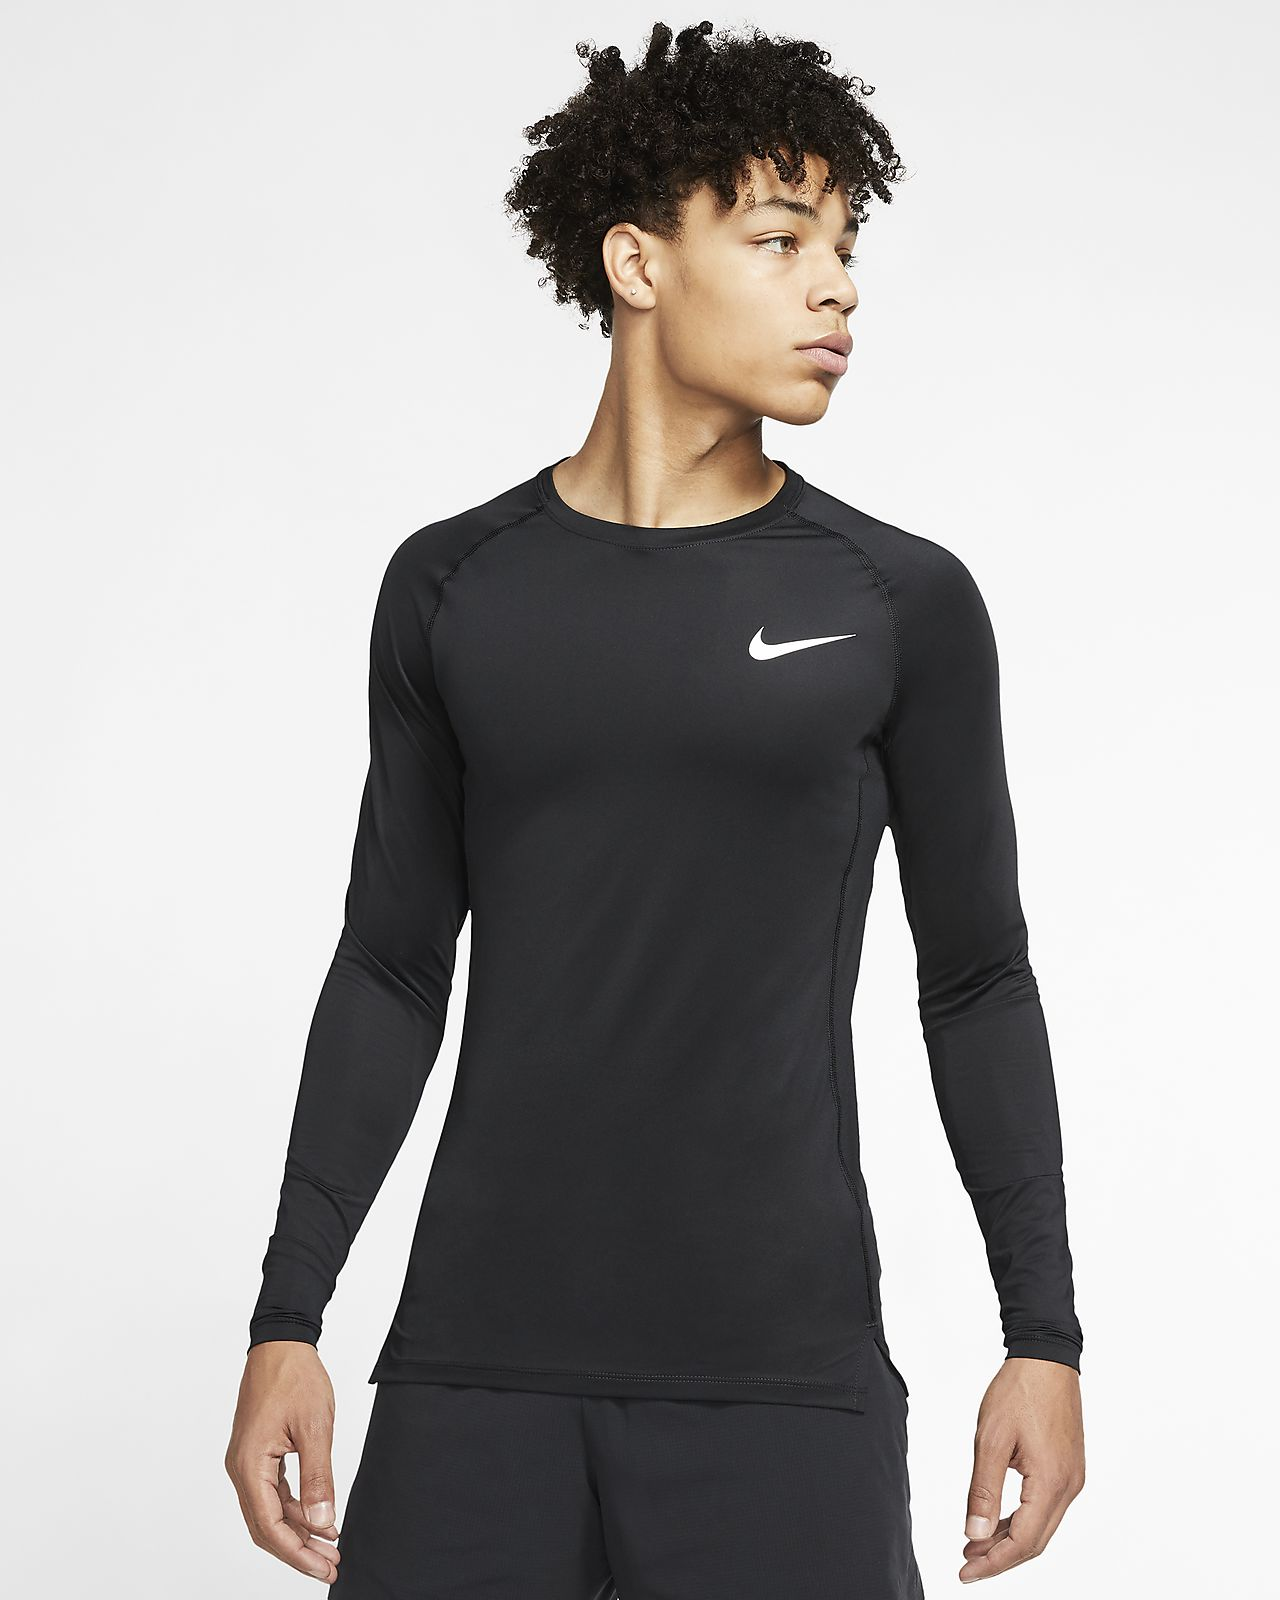 เสื้อแขนยาวผู้ชาย Nike Pro